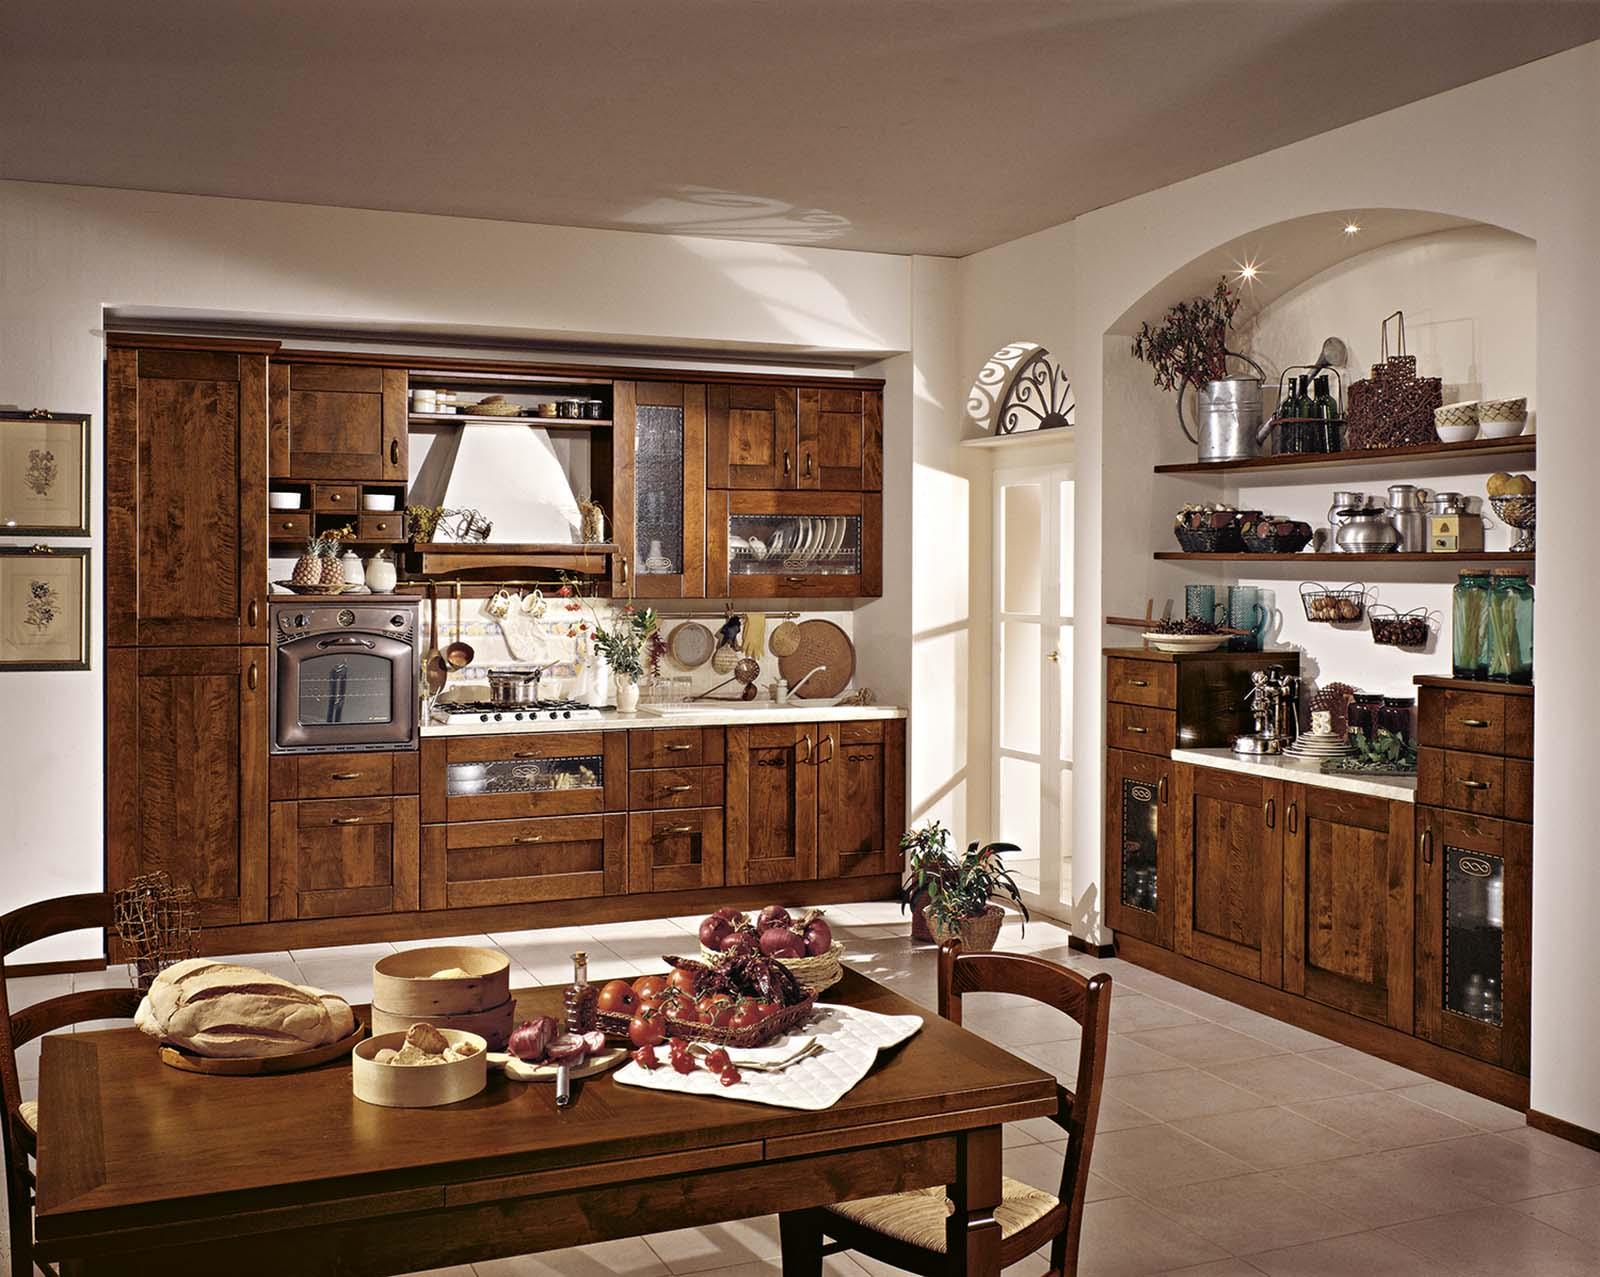 Cucina Giorgia Landini Tutto Mobili Arredamento Camere Cucine Ufficio Roma